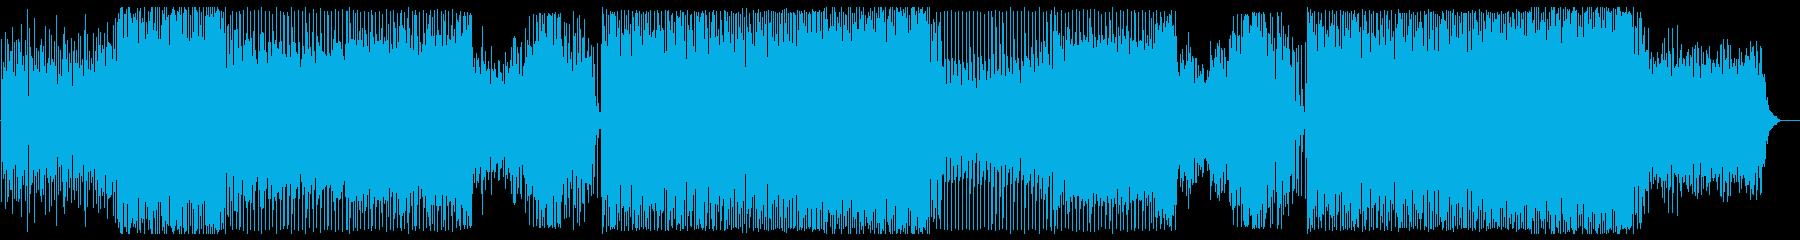 元気で明るい軽快なシンセサイザーの曲の再生済みの波形